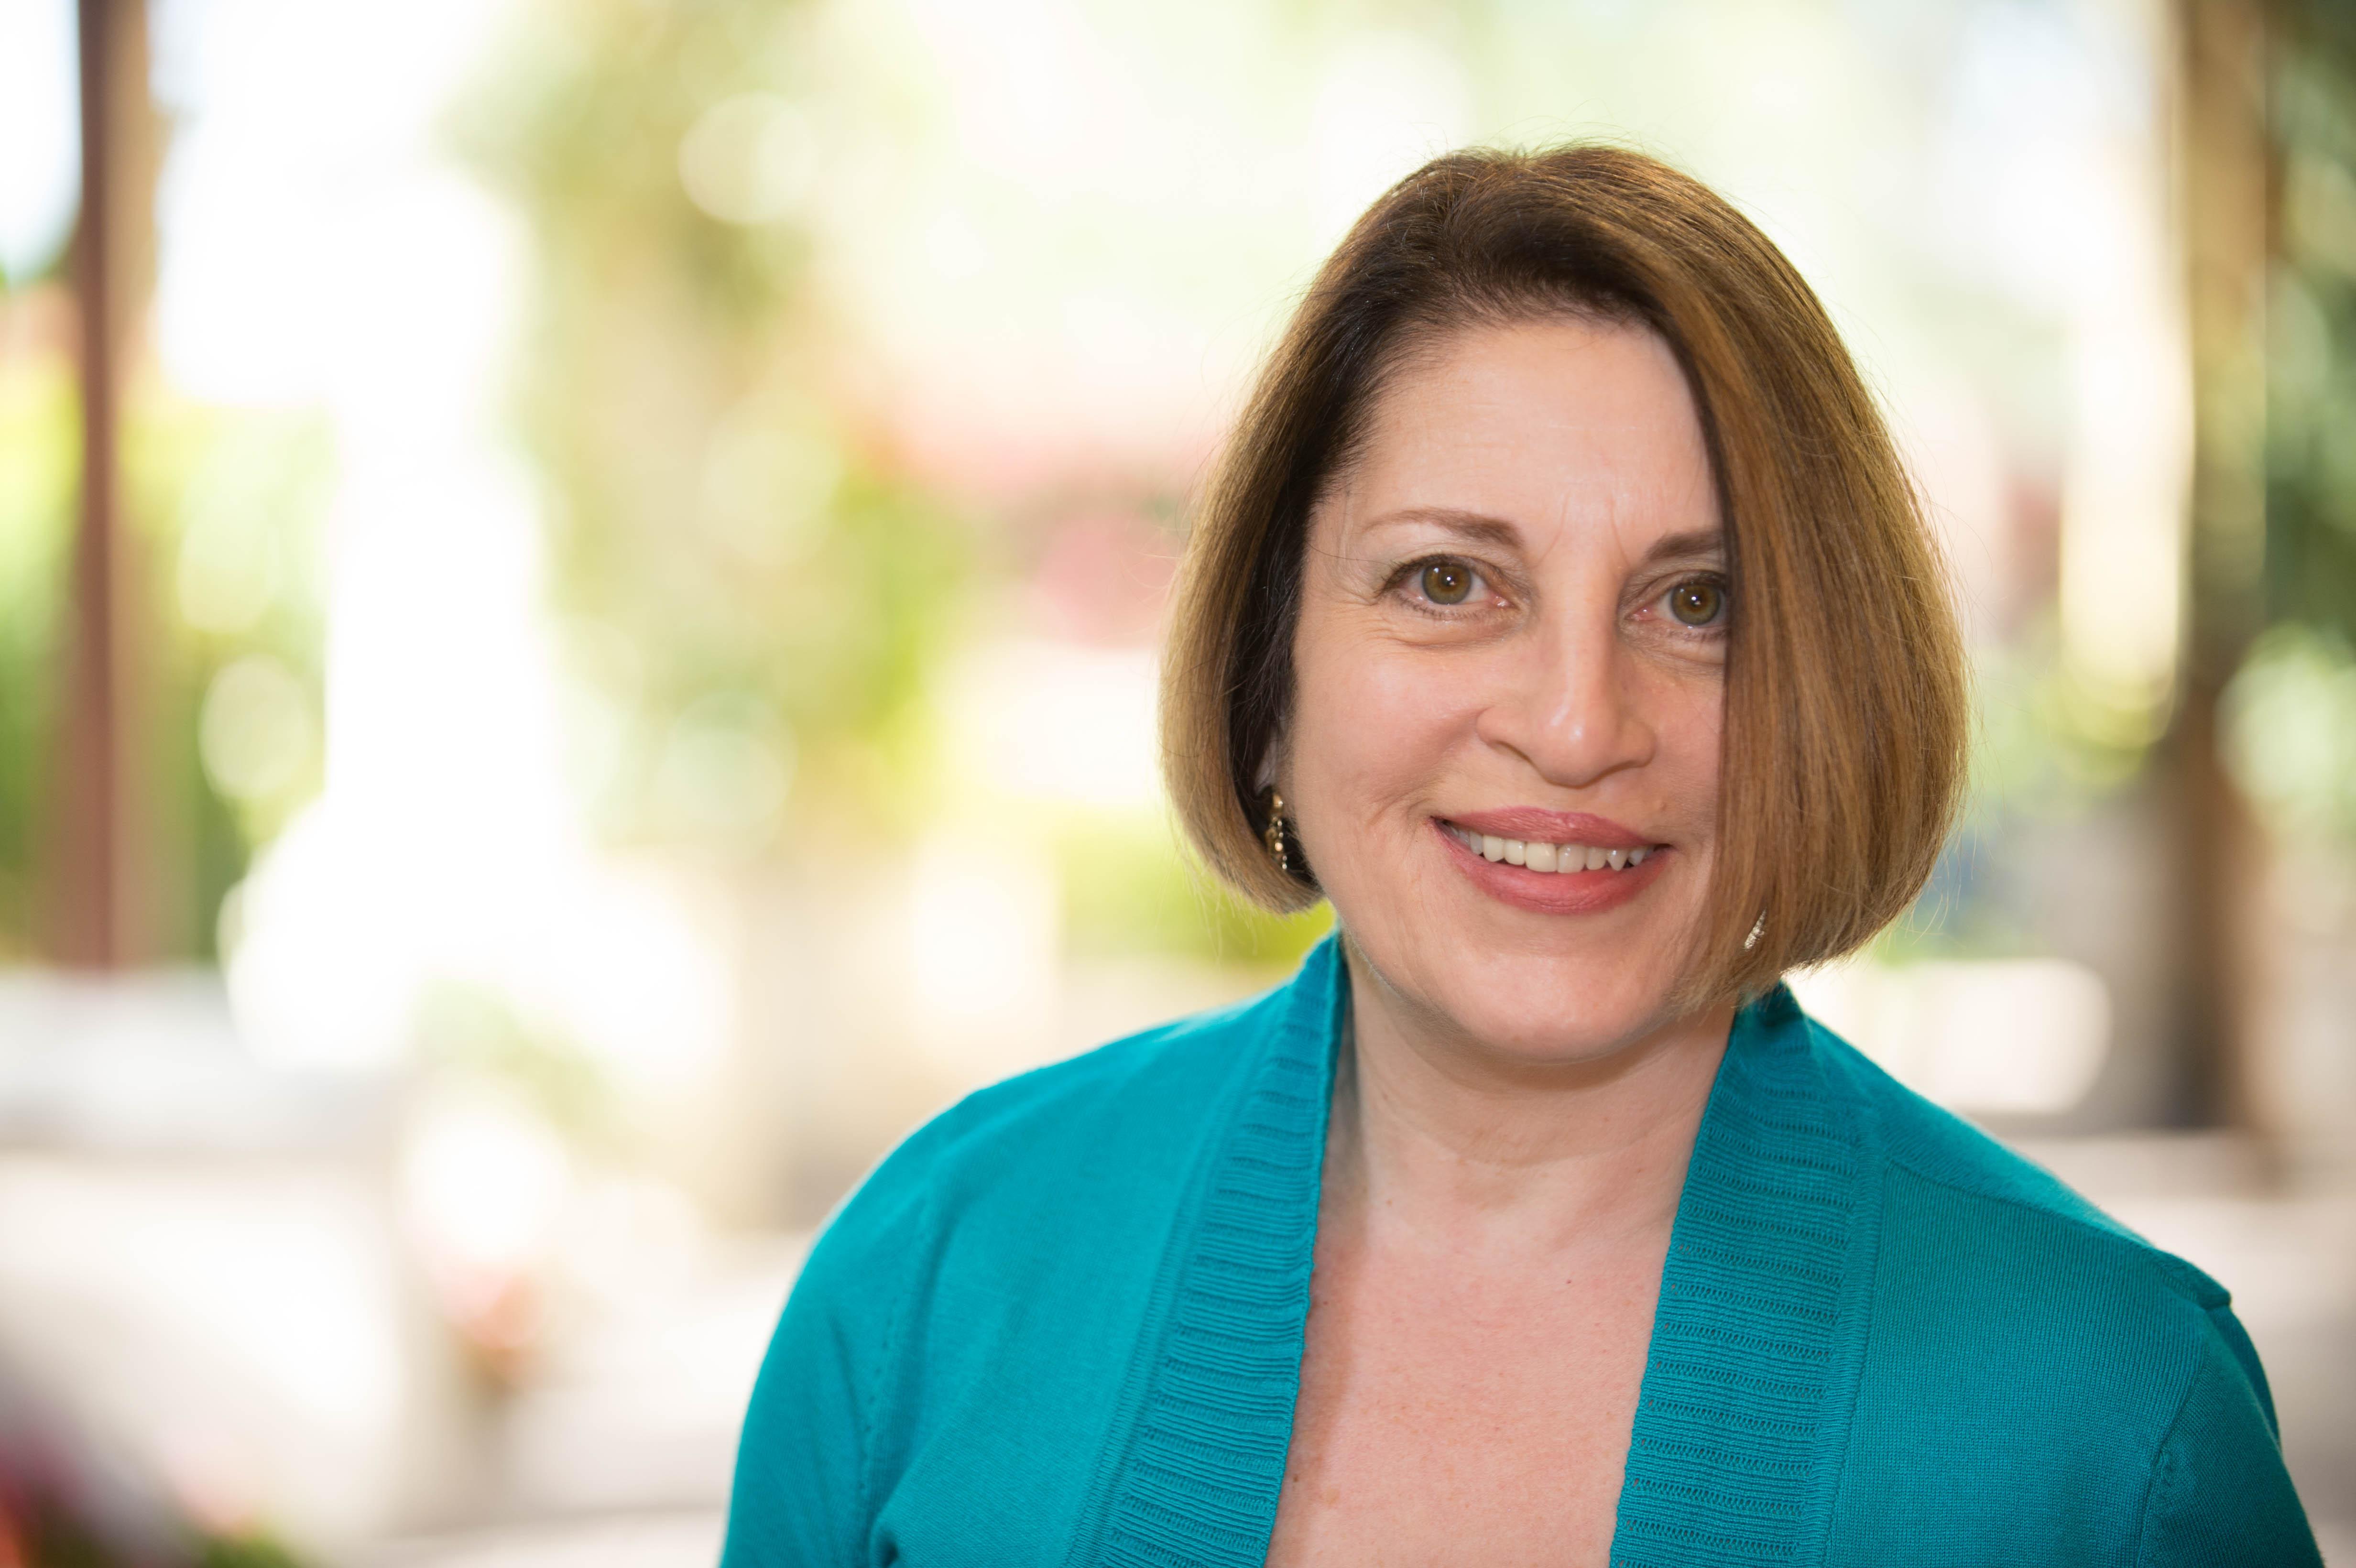 Dr. Lexi Hutto